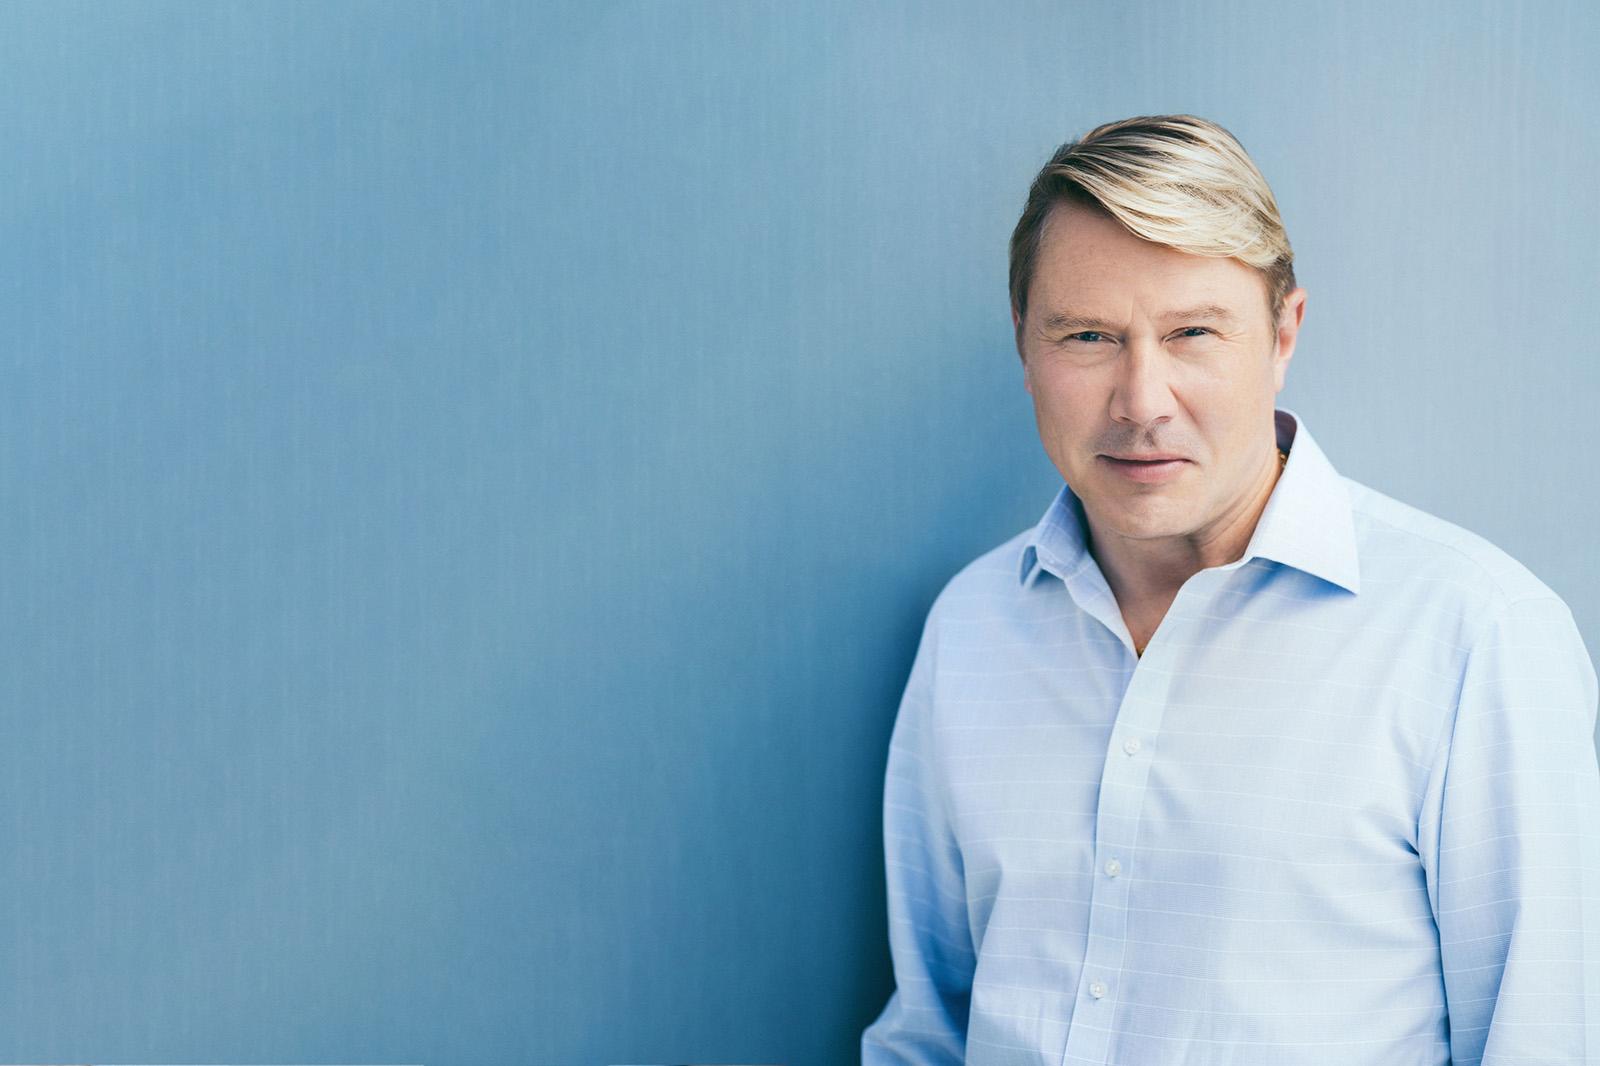 Neuroth Markenbotschafter Mika Häkkinen in blauem Hemd vor blauer Wand